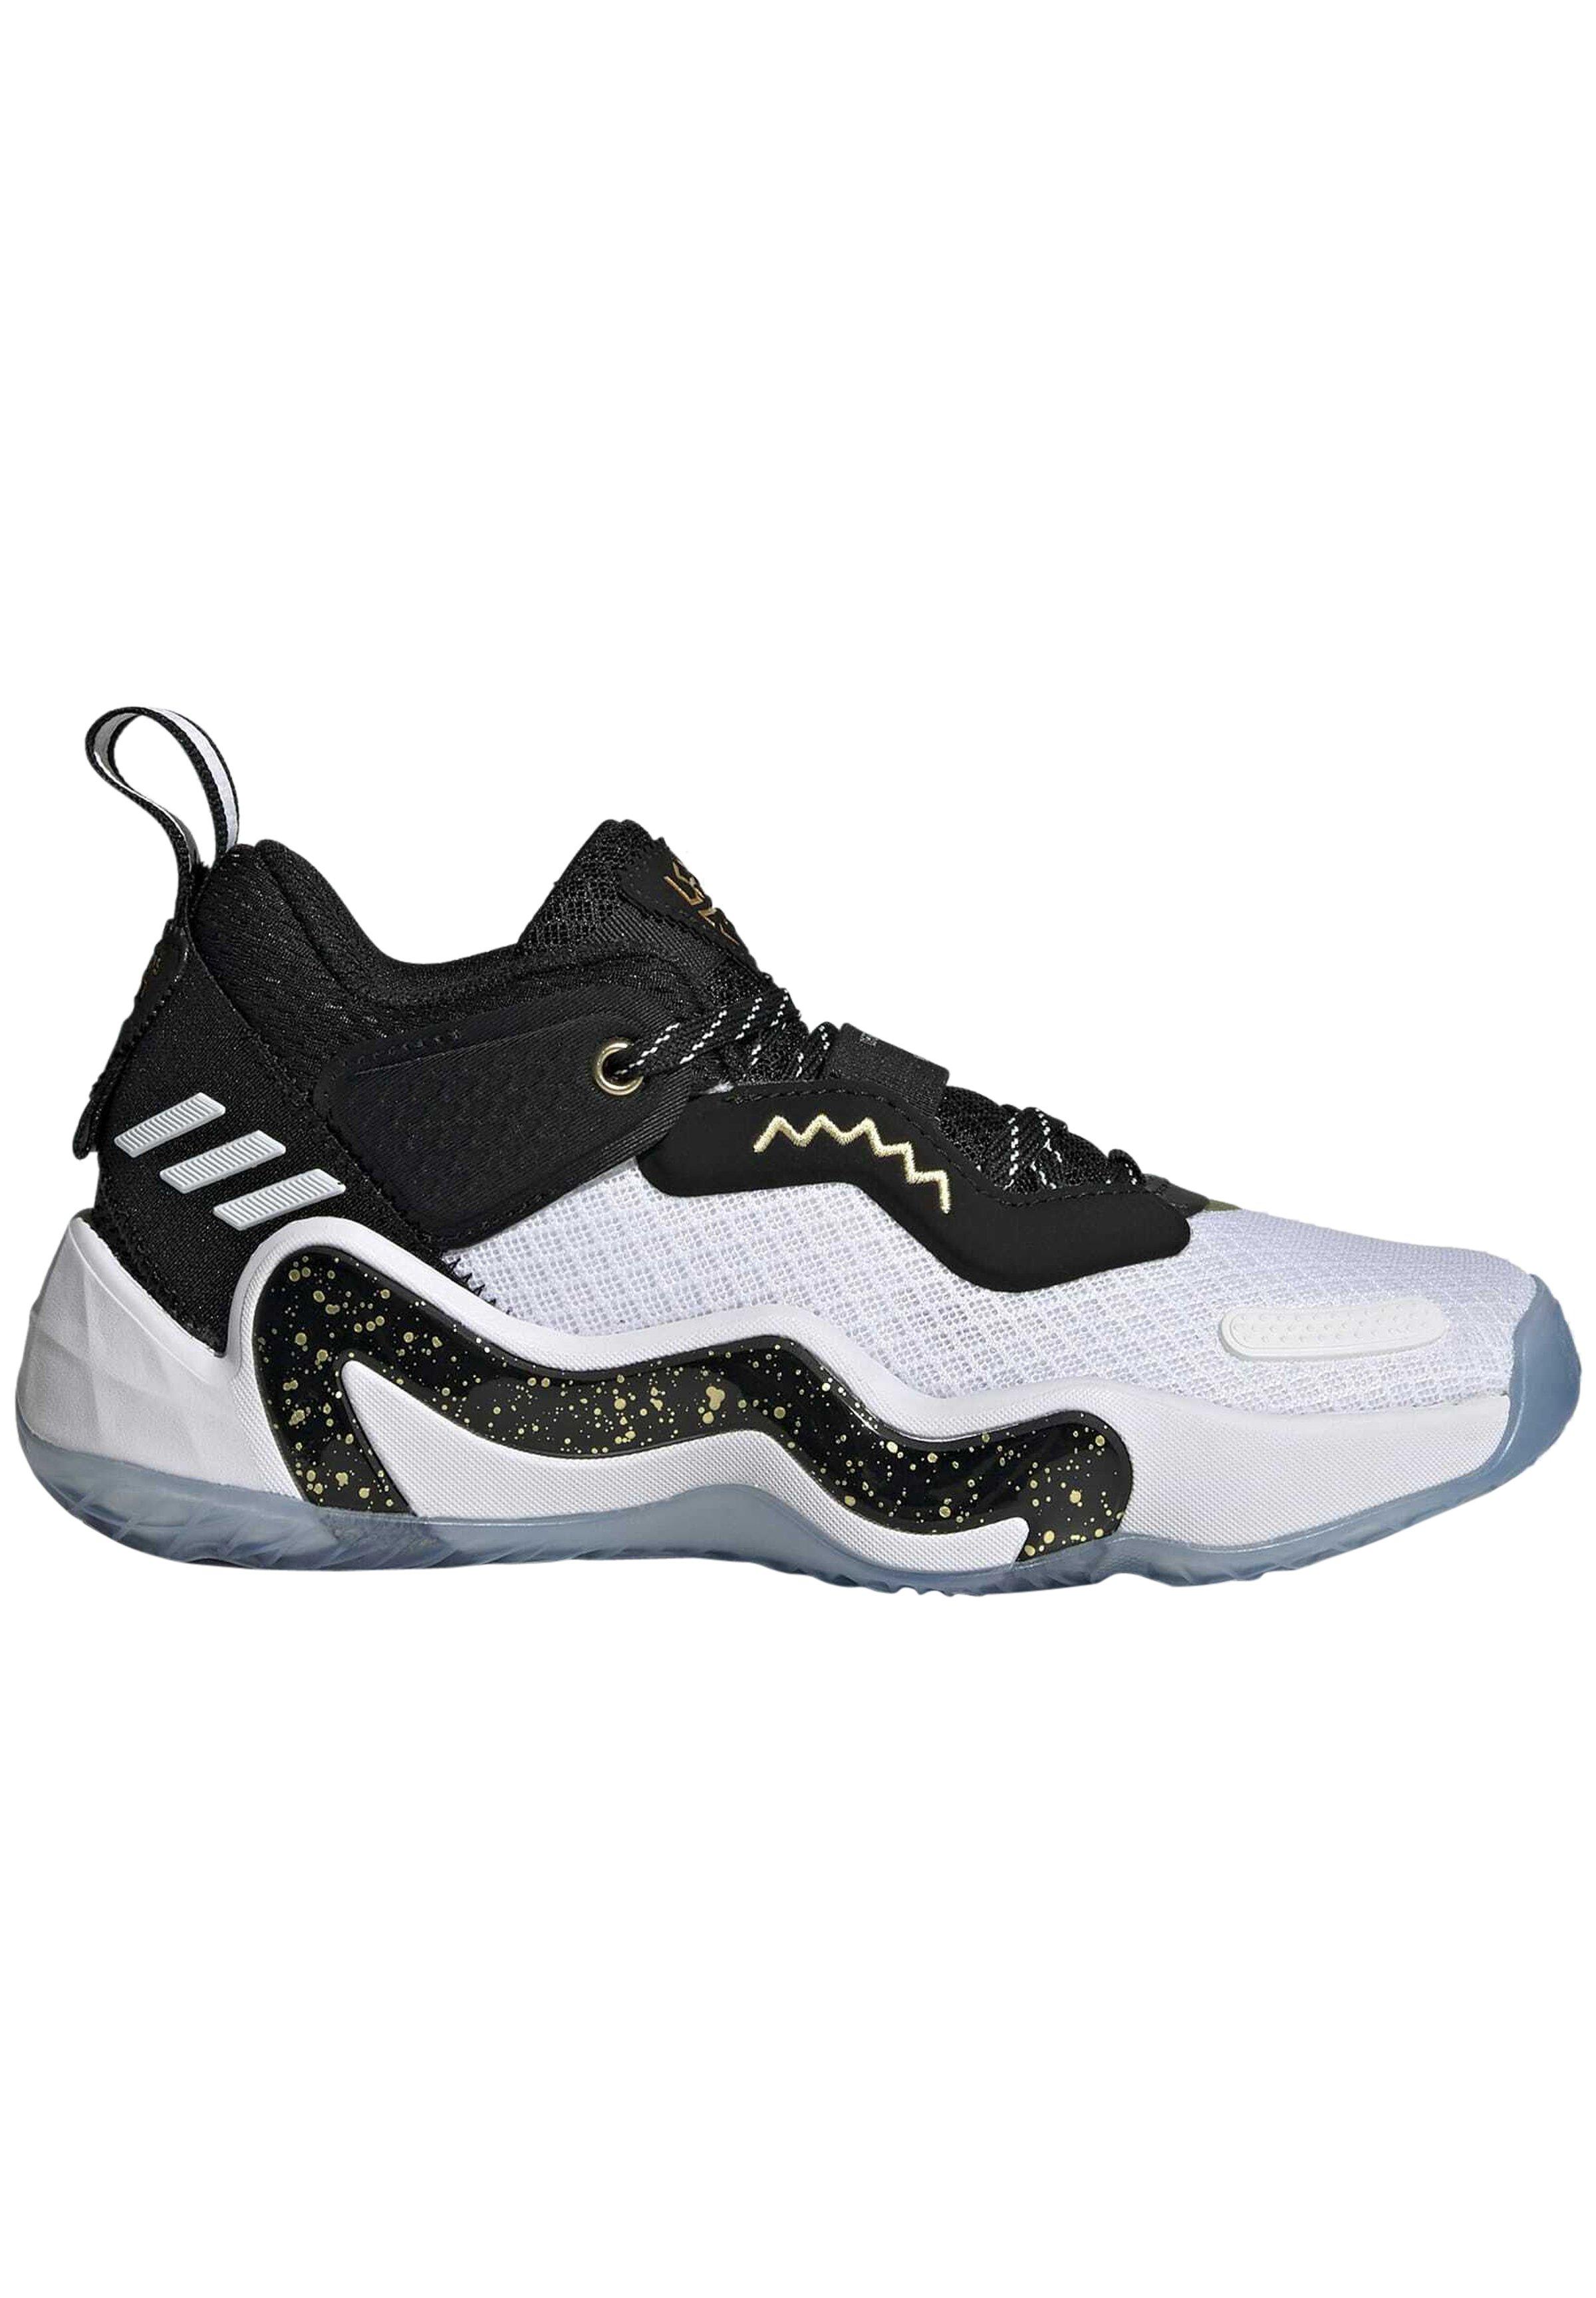 Enfant Chaussures de basket